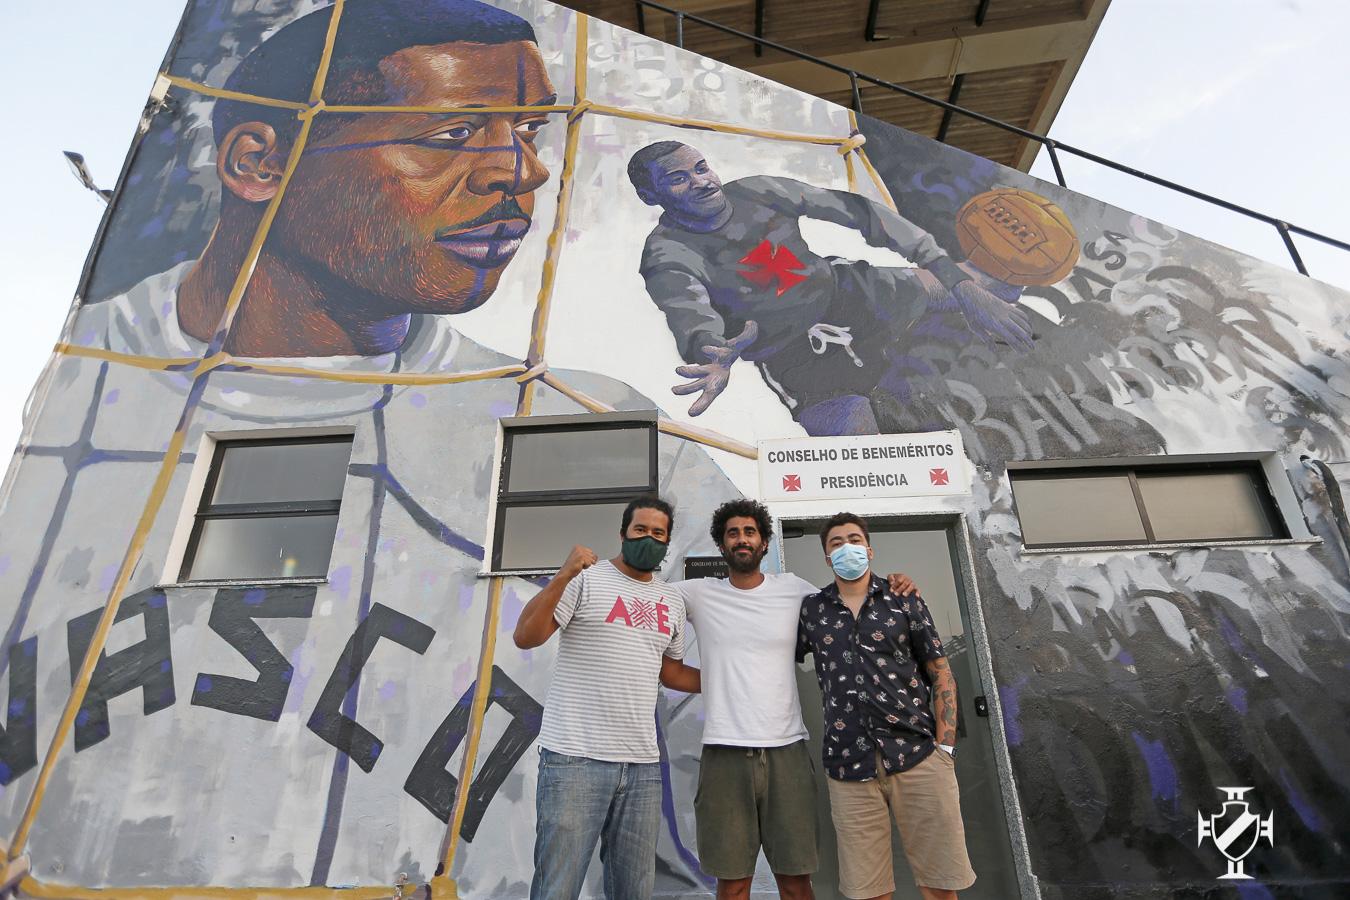 Pedro Rajão, Cazé e Rhuan Gonçalves, idealizadores do muro para Barbosa